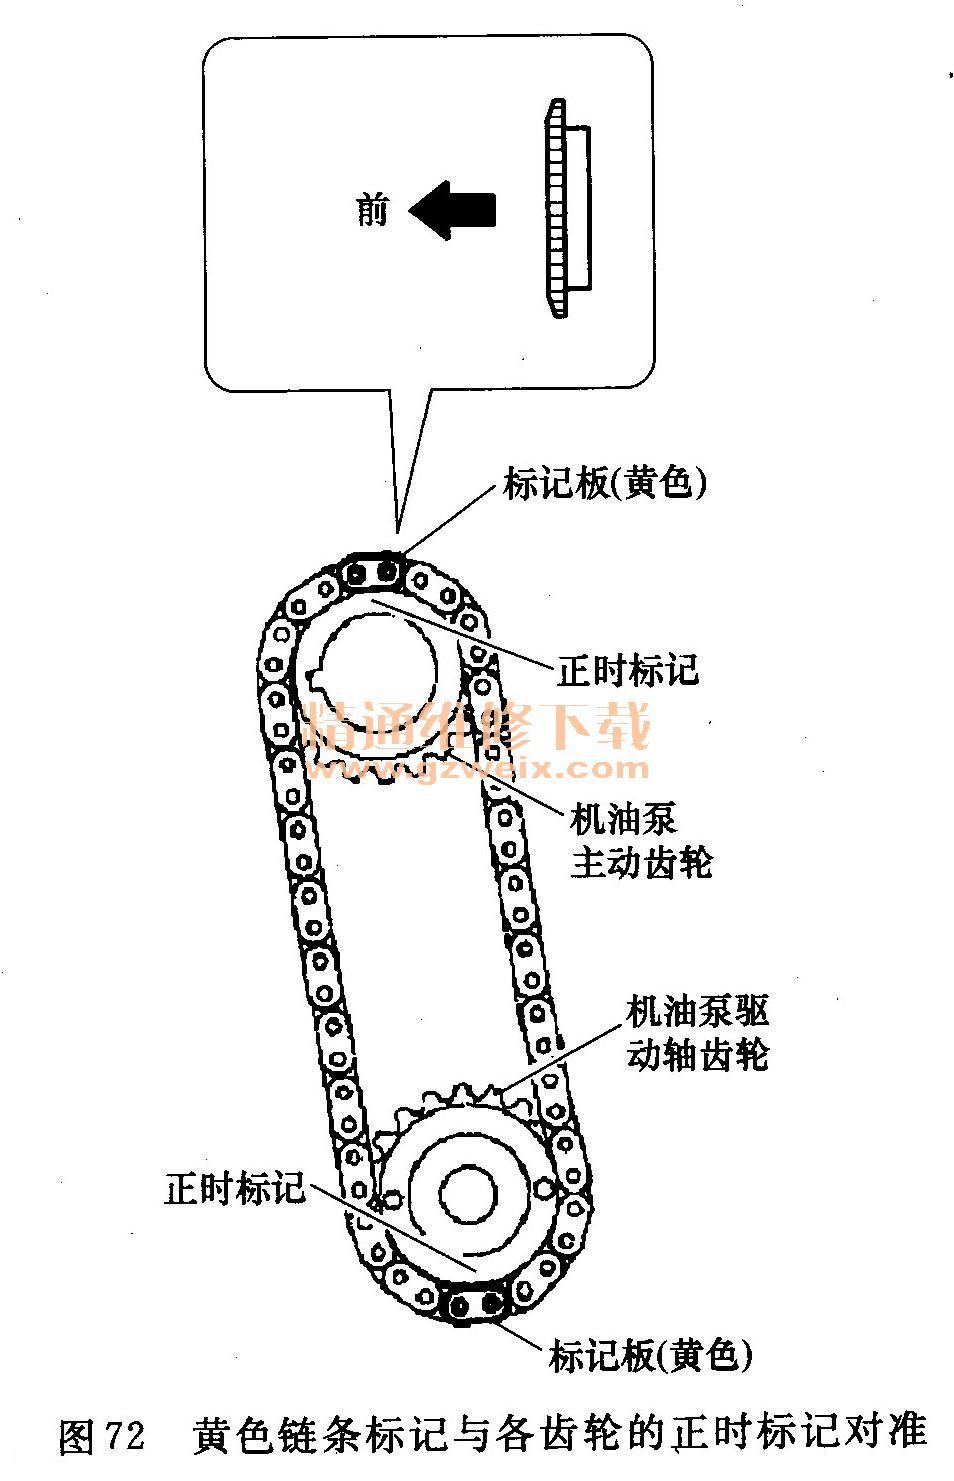 丰田普锐斯1.8l 5zr-fxe发动机正时校对方法